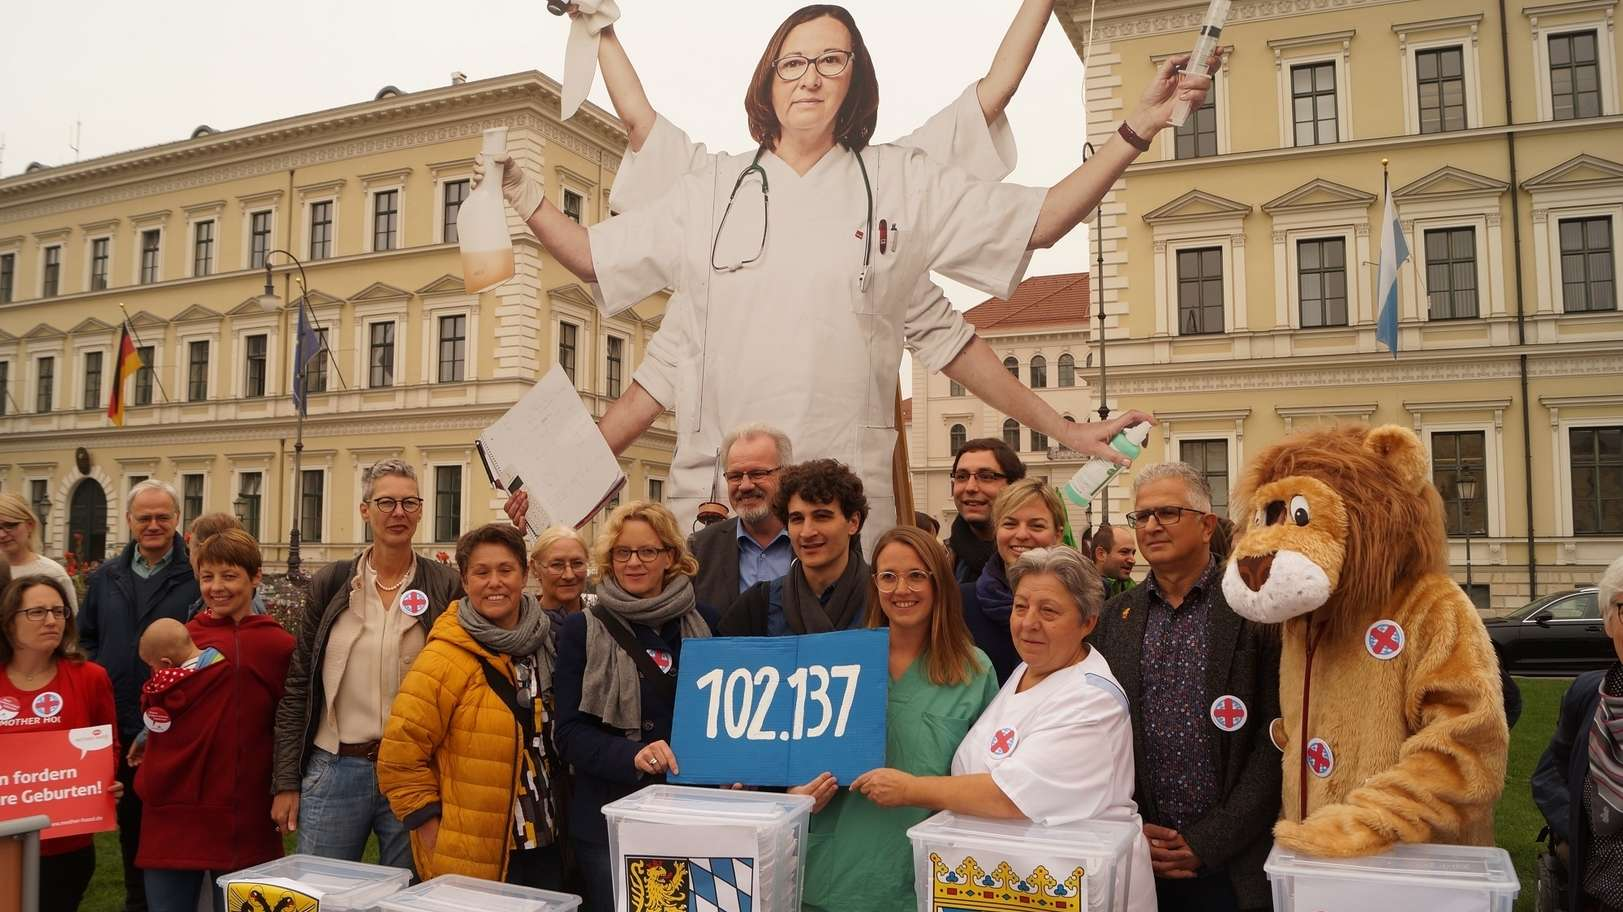 """Mehr als 100.000 Unterschriften hatten die Initiatoren des Volksbegehrens """"Stoppt den Pflegenotstand"""" gesammelt."""